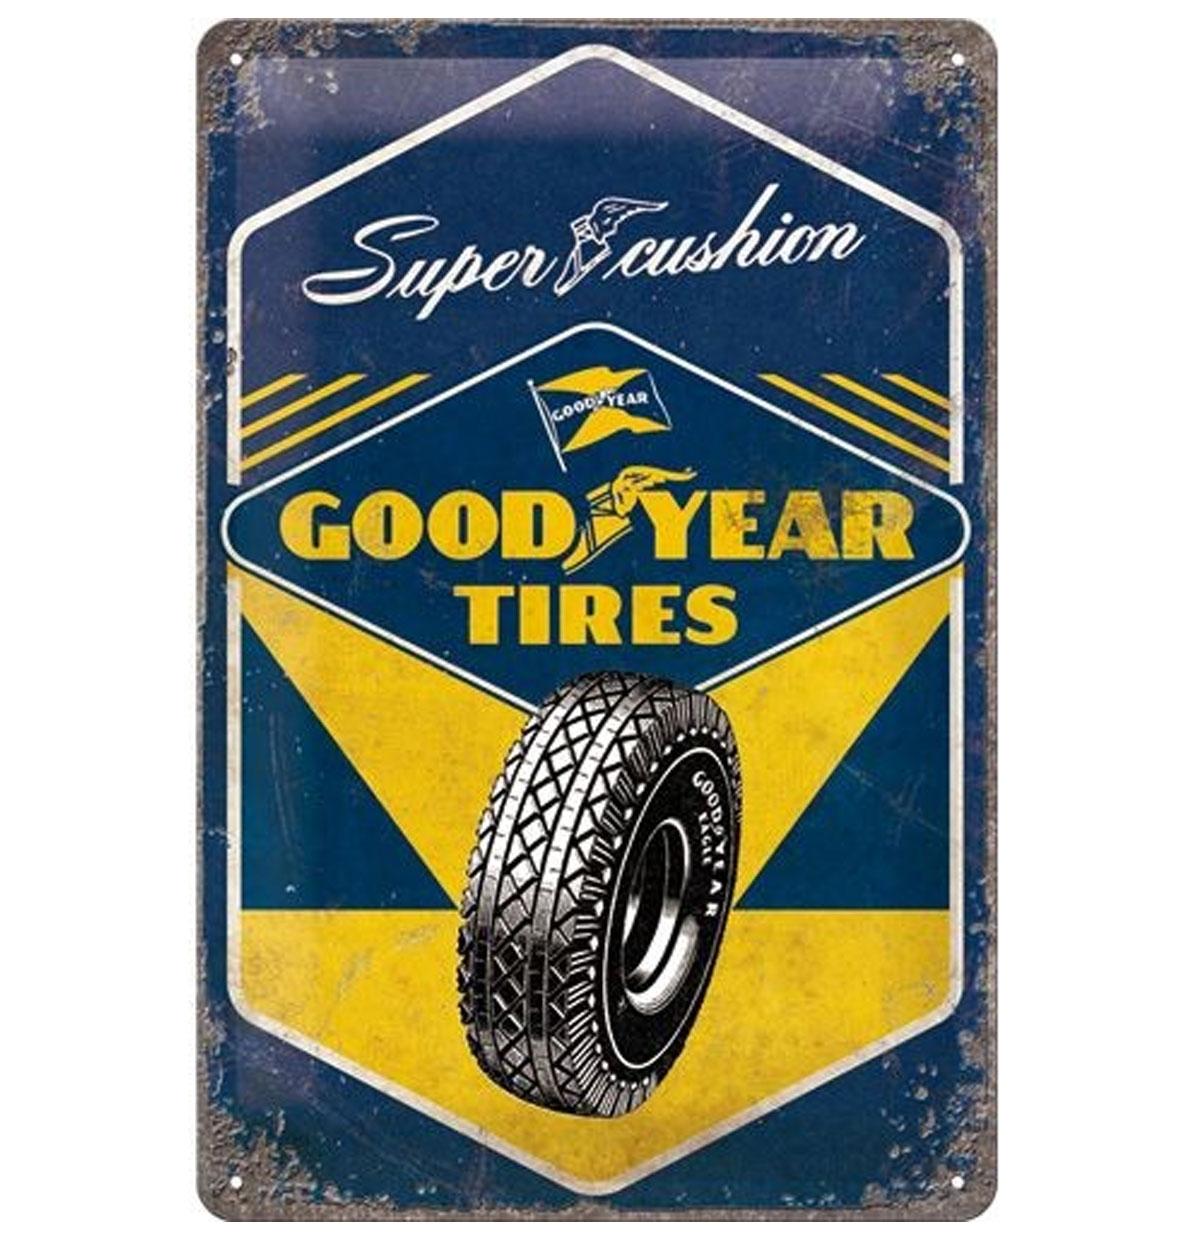 Super Cushion Goodyear Tires Metal Sign 20 x 30 cm